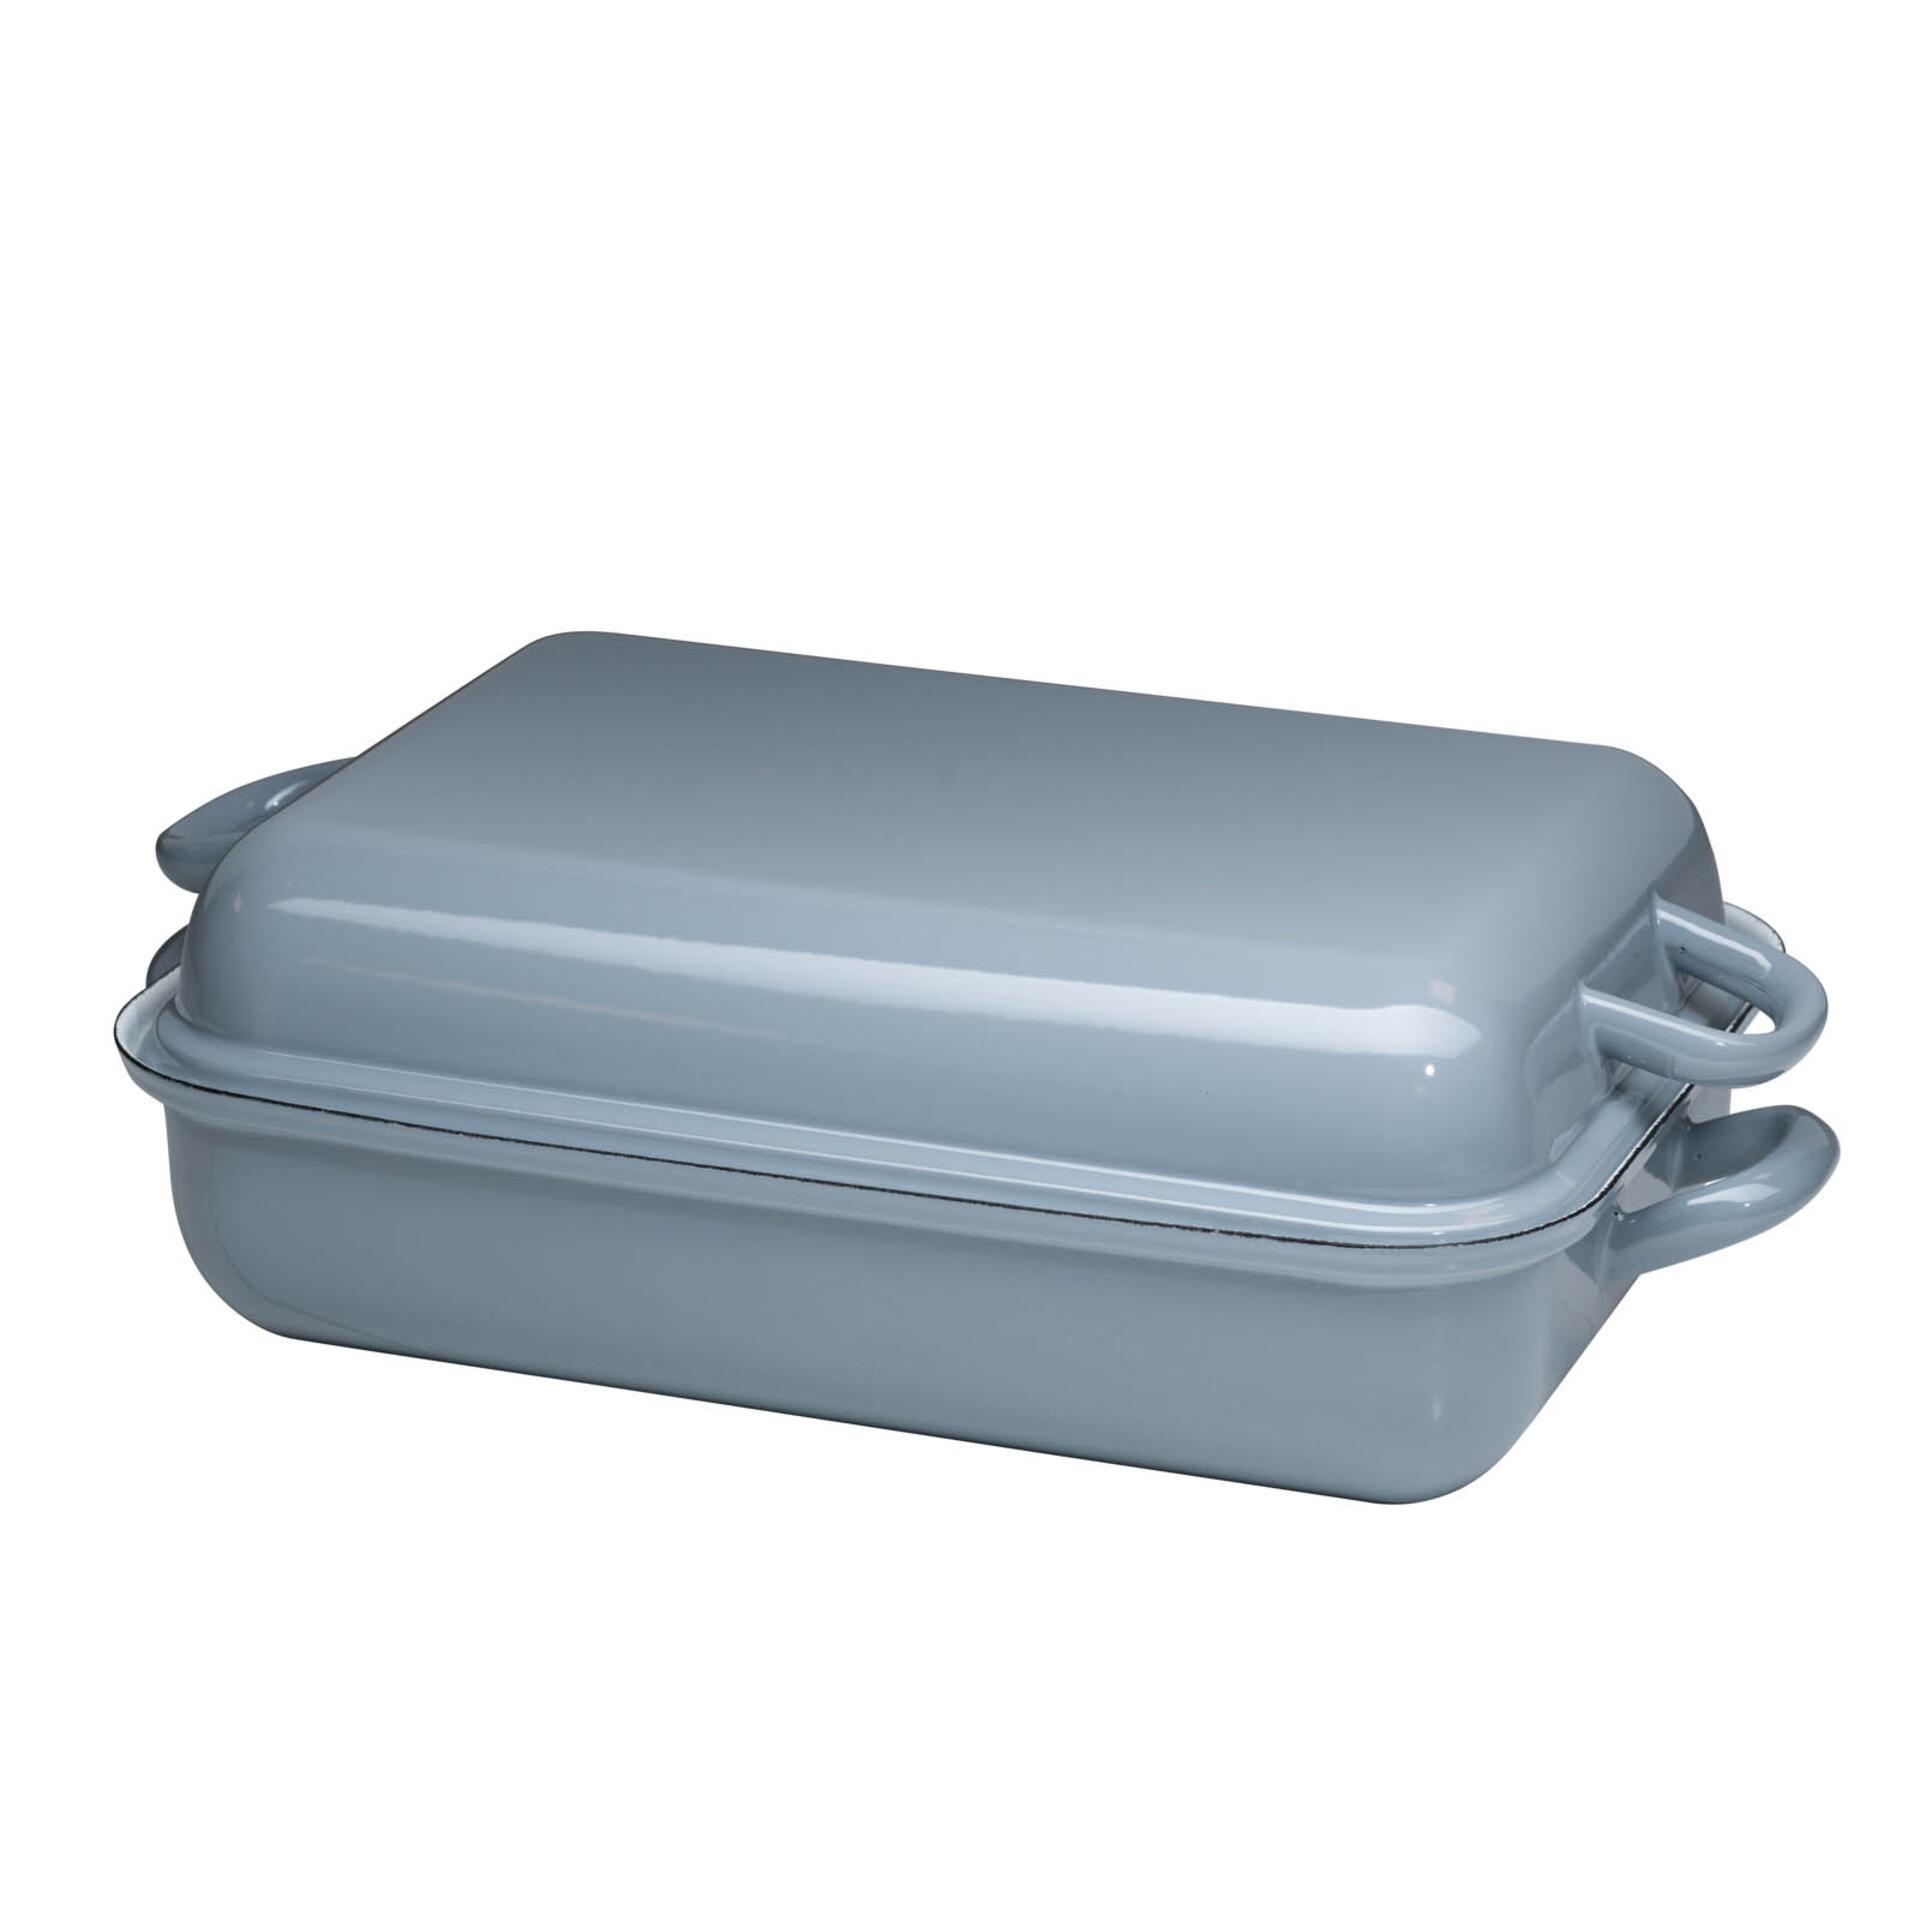 Riess Bratpfanne mit Deckel 37/26 Pure Grey